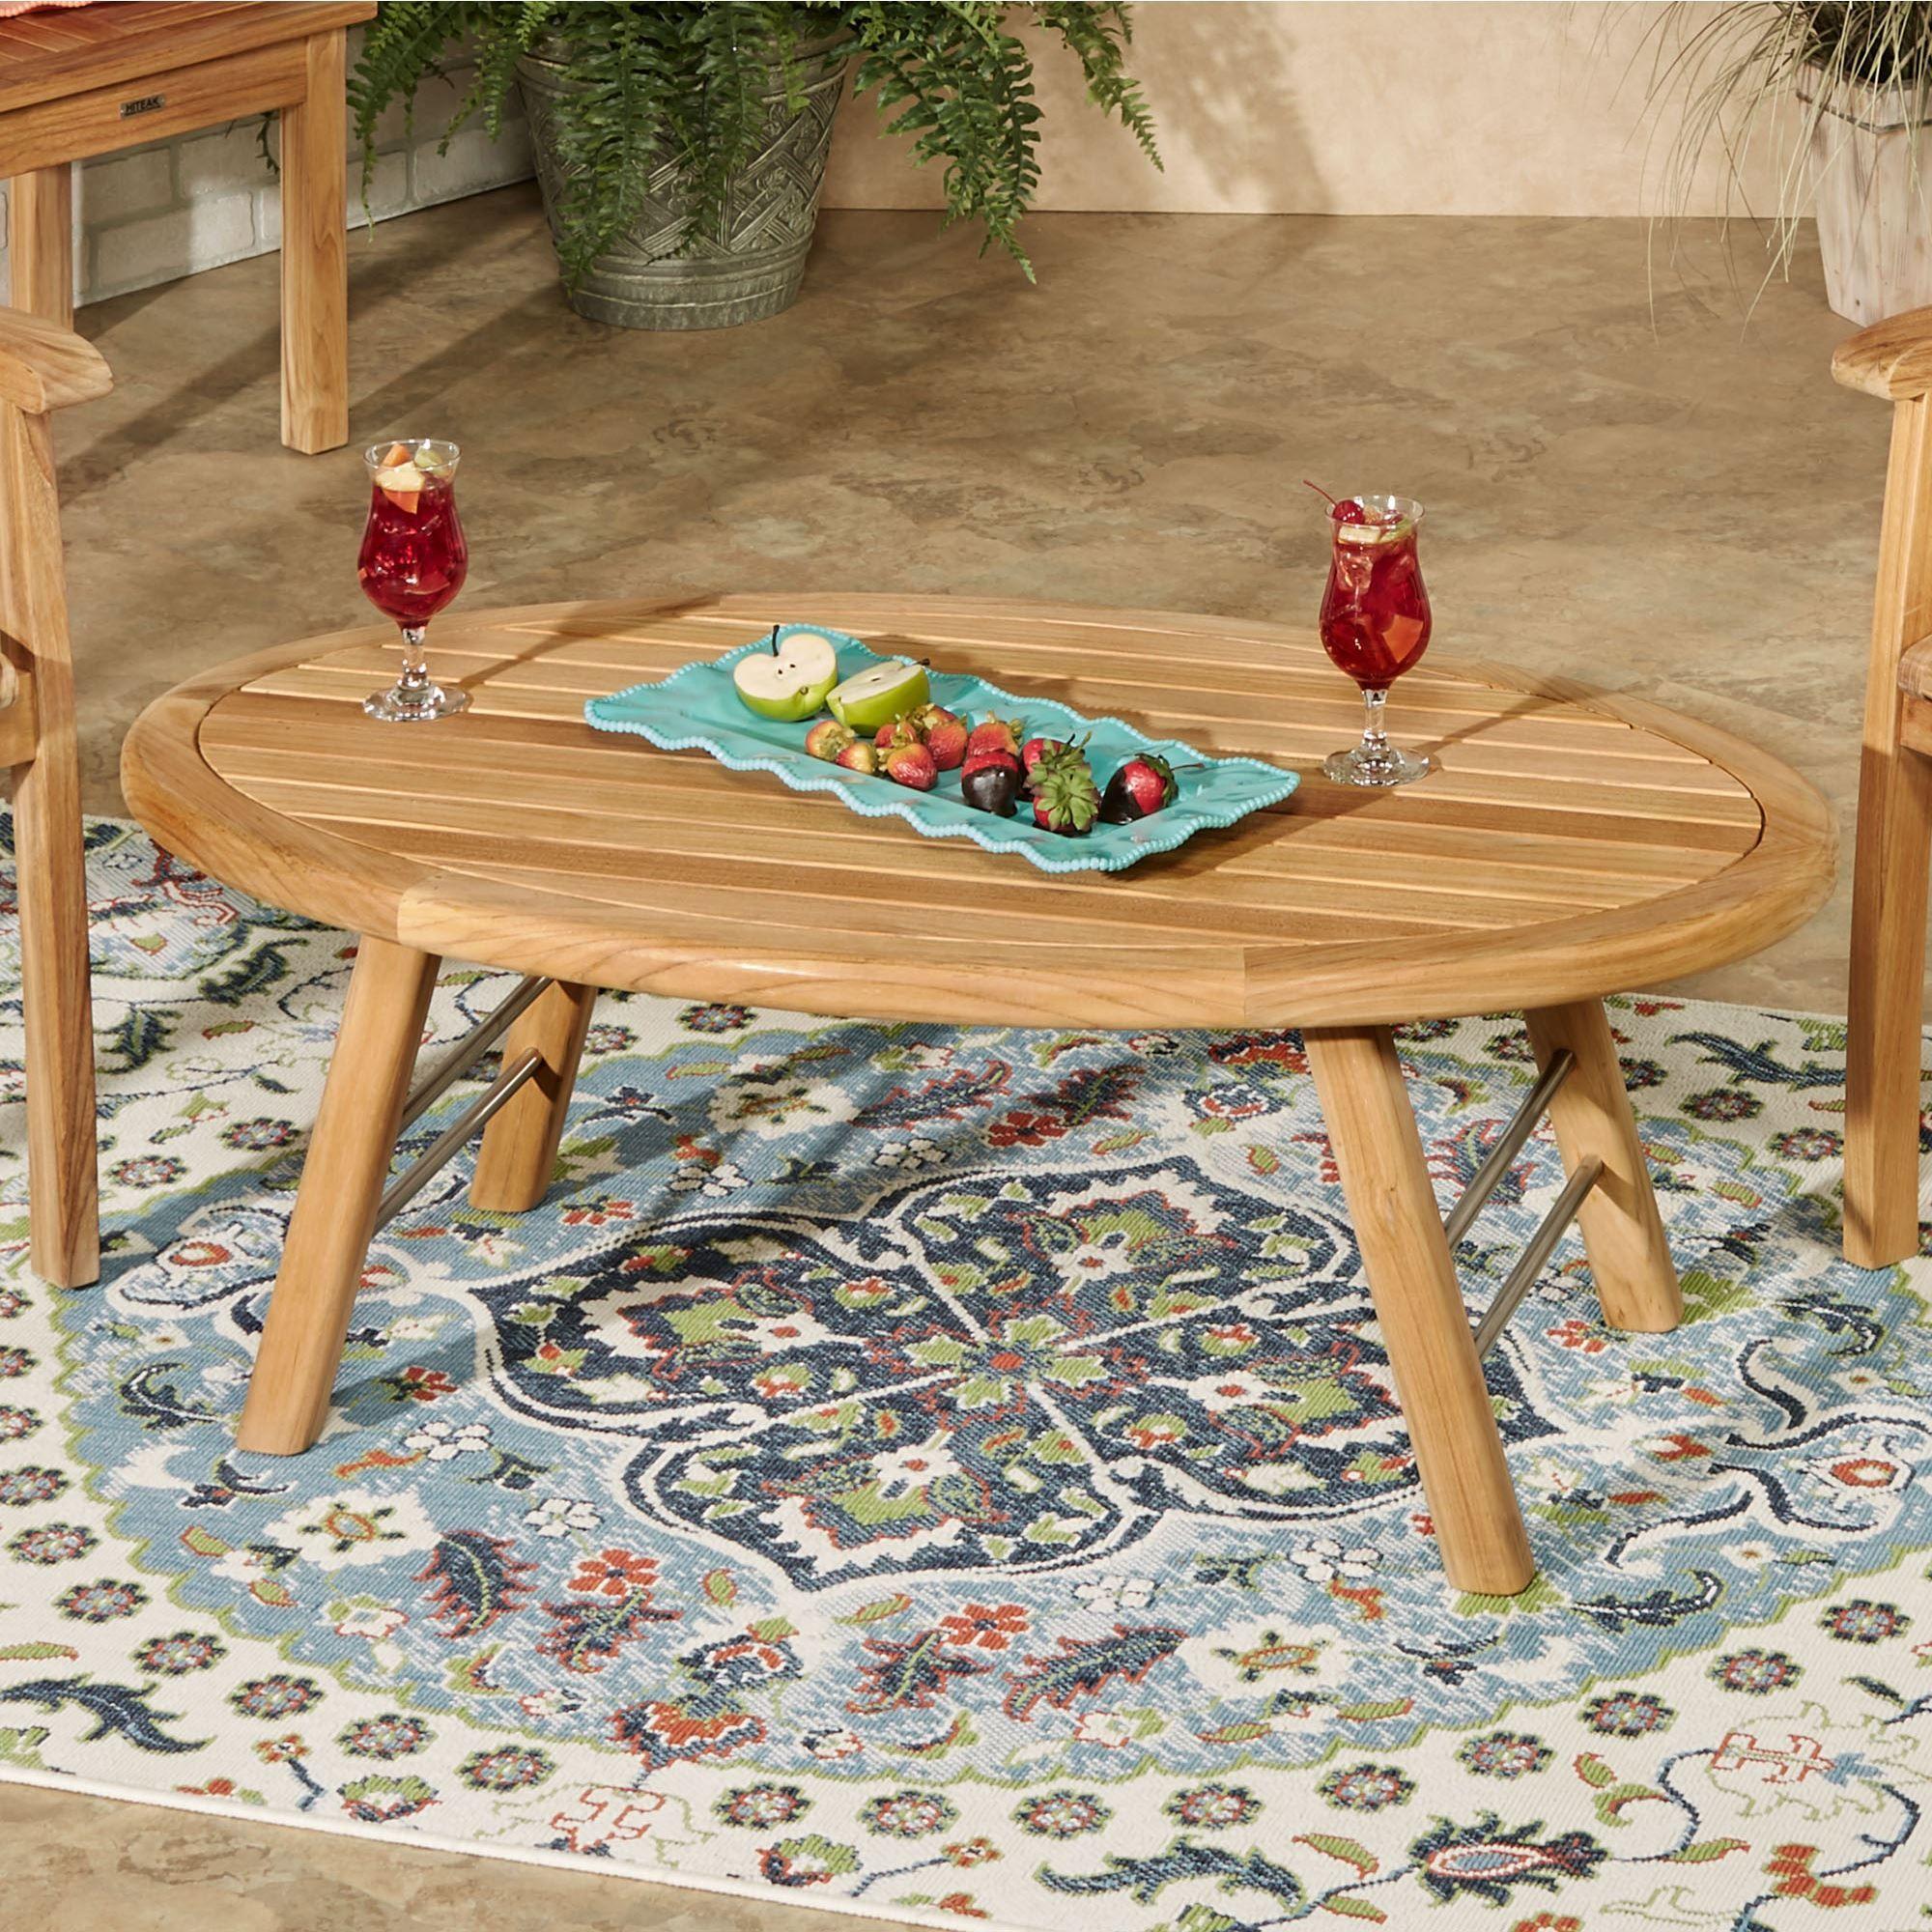 Oceana Teak Wood Indoor Outdoor Oval Coffee Table